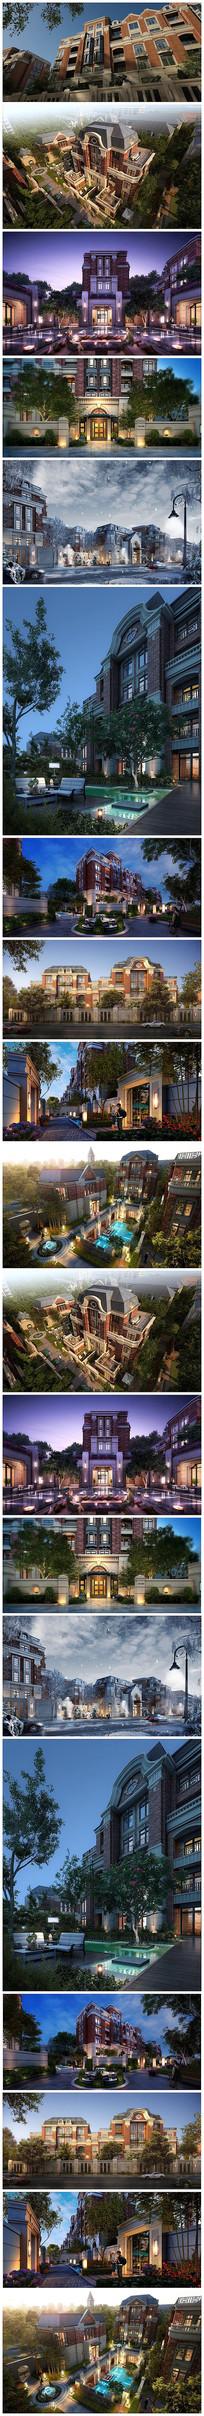 北美风格别墅效果图草图模型